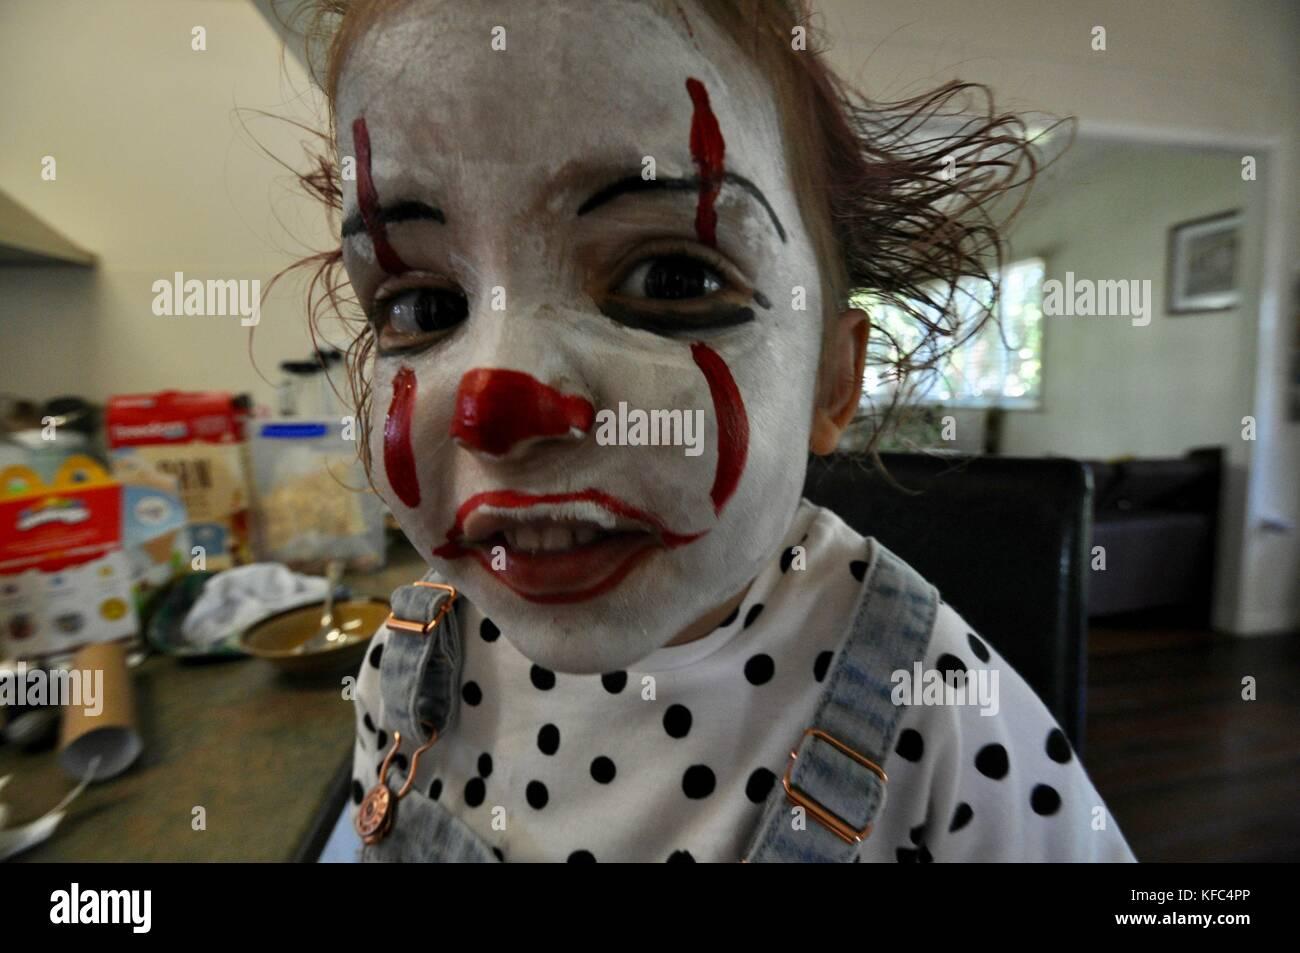 Ein Kind mit Make-up und Kleidung durch den Film, in der ...